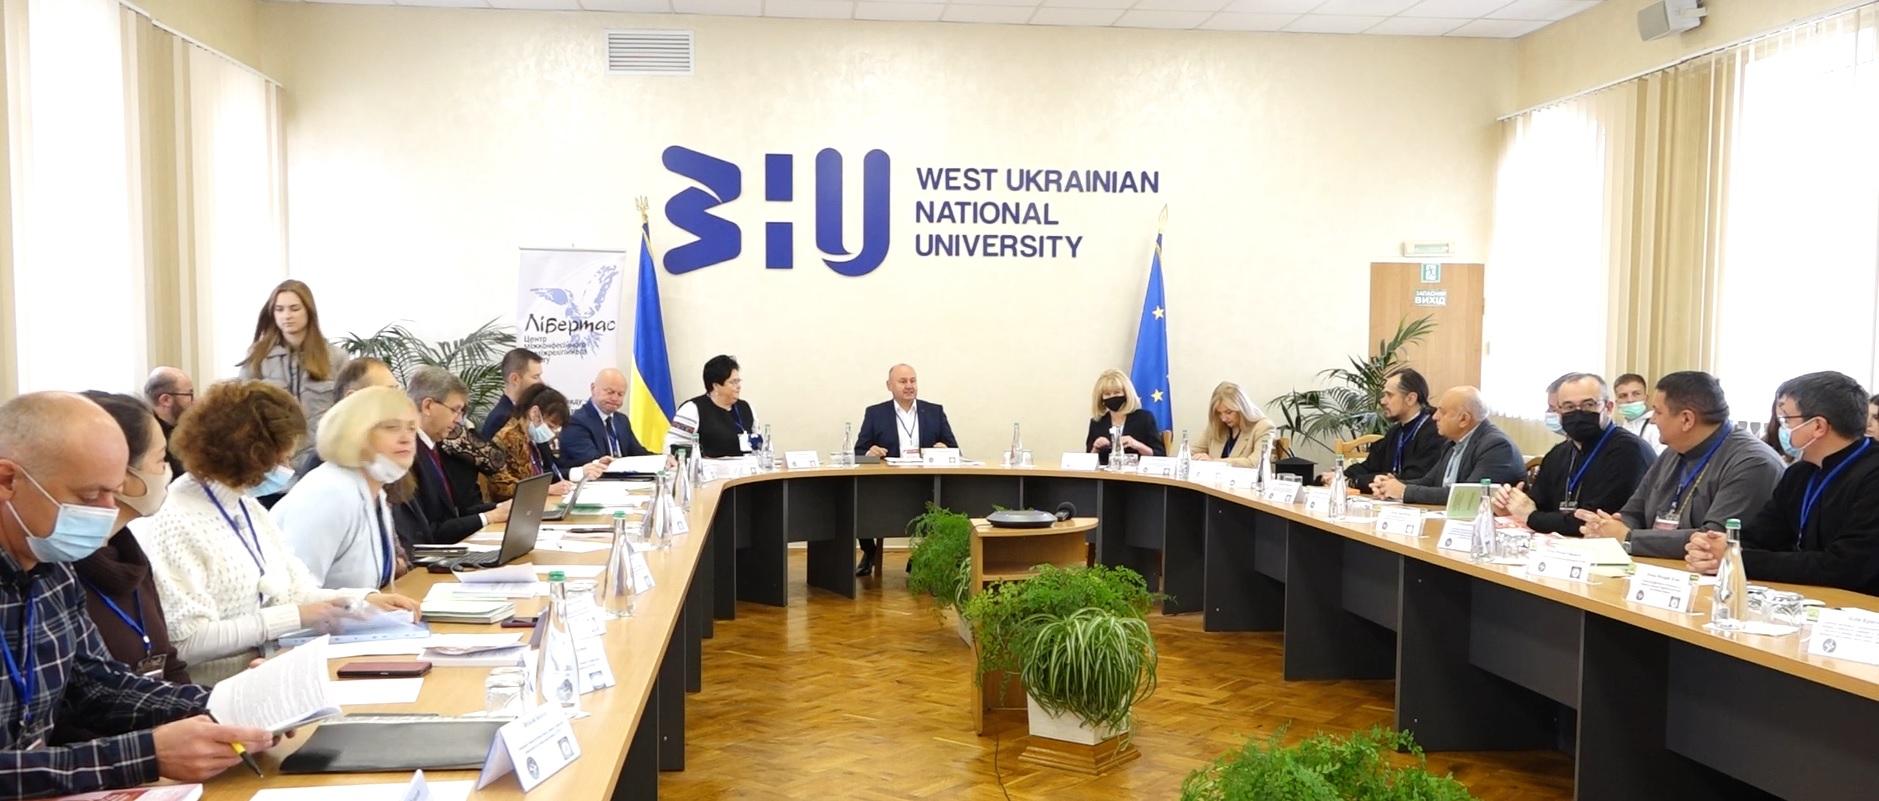 У ЗУНУ провели міжрелігійну конференцію, яка об'єднала науковців із кількох країн